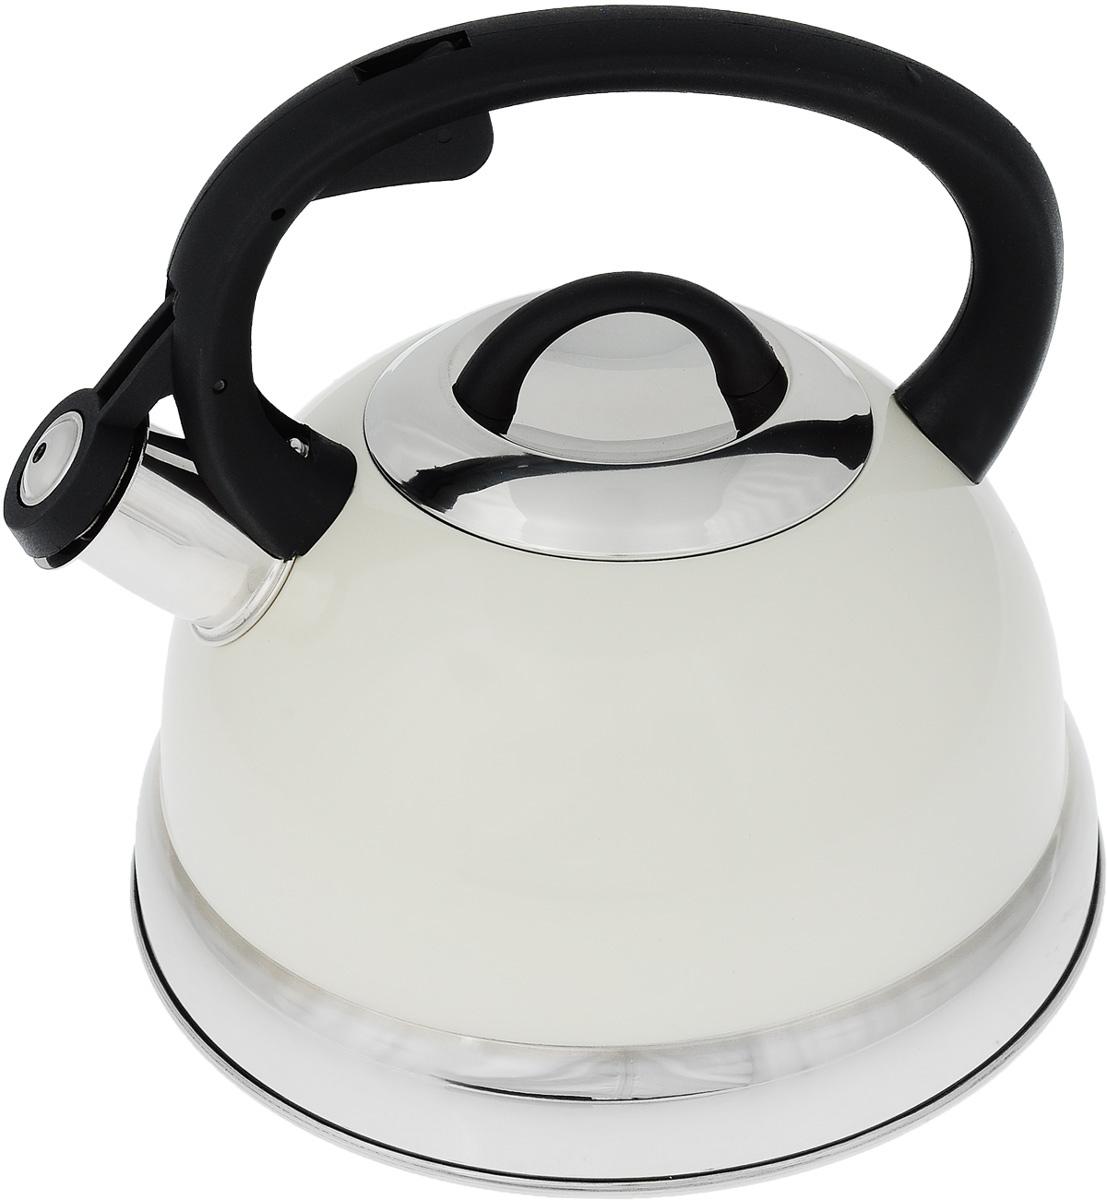 Чайник Mayer & Boch, со свистком, цвет: белый, черный, серебристый, 2,6 л. 2929Чайник Mayer & Boch выполнен из высококачественной нержавеющей стали, что делает его весьма гигиеничным и устойчивым к износу при длительном использовании. Носик чайника оснащен насадкой-свистком, что позволит вам контролировать процесс подогрева или кипячения воды. Фиксированная ручка, изготовленная из пластика, делает использование чайника очень удобным и безопасным. Поверхность чайника гладкая, что облегчает уход за ним. Эстетичный и функциональный чайник будет оригинально смотреться в любом интерьере. Подходит для всех типов плит, включая индукционные. Можно мыть в посудомоечной машине. Высота чайника (с учетом ручки и крышки): 20,5 см. Диаметр чайника (по верхнему краю): 10,5 см. Диаметр основания: 21 см. Диаметр индукционного диска: 14,5 см.